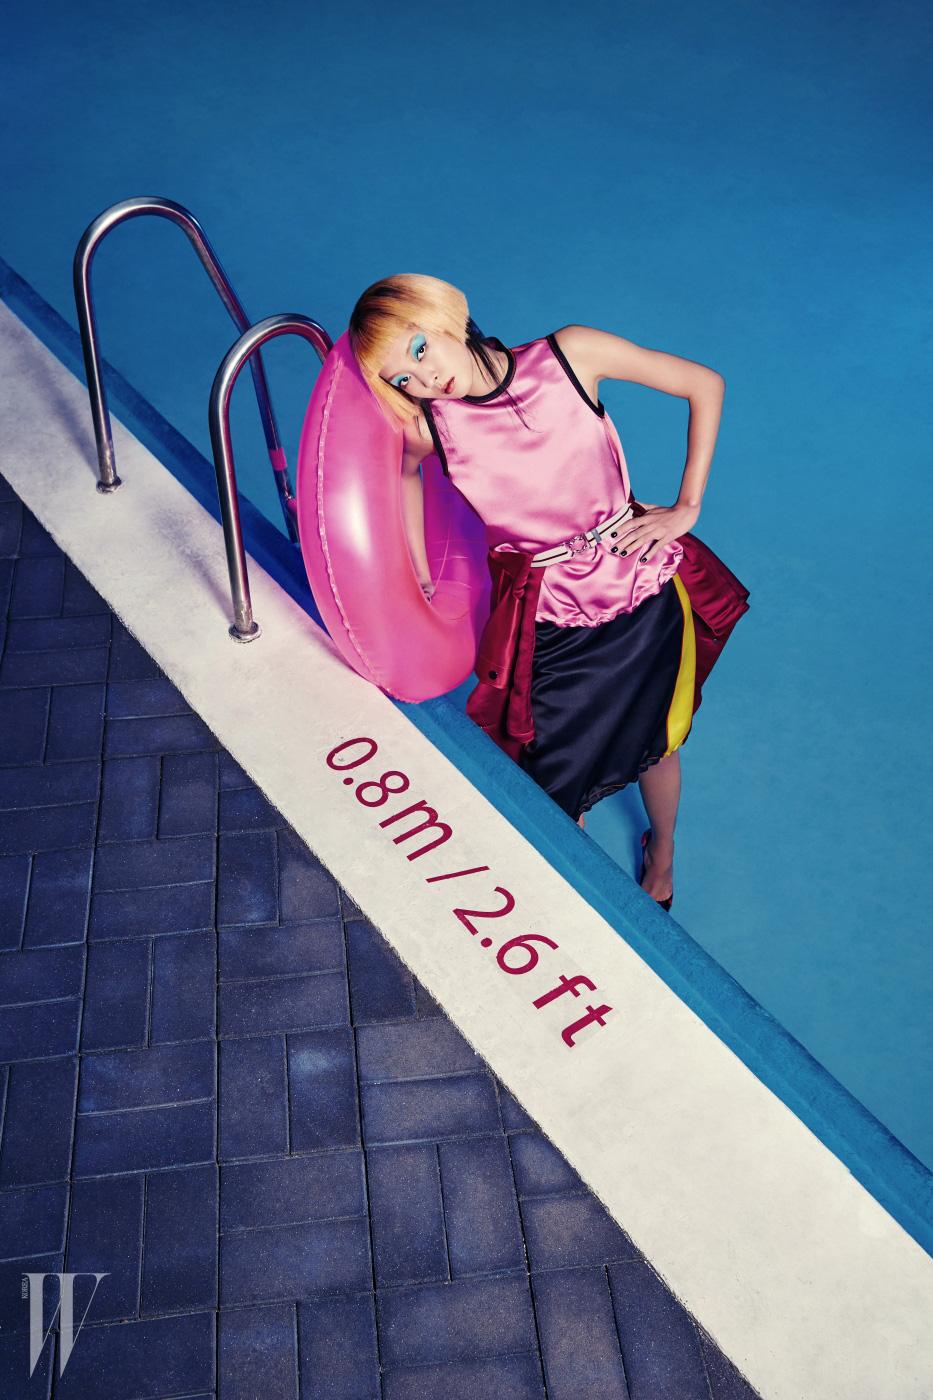 매끈한 실크 톱, 스커트, 벨트, 벨트에 넣어 연출한 코트, 슈즈는 모두 Prada 제품.